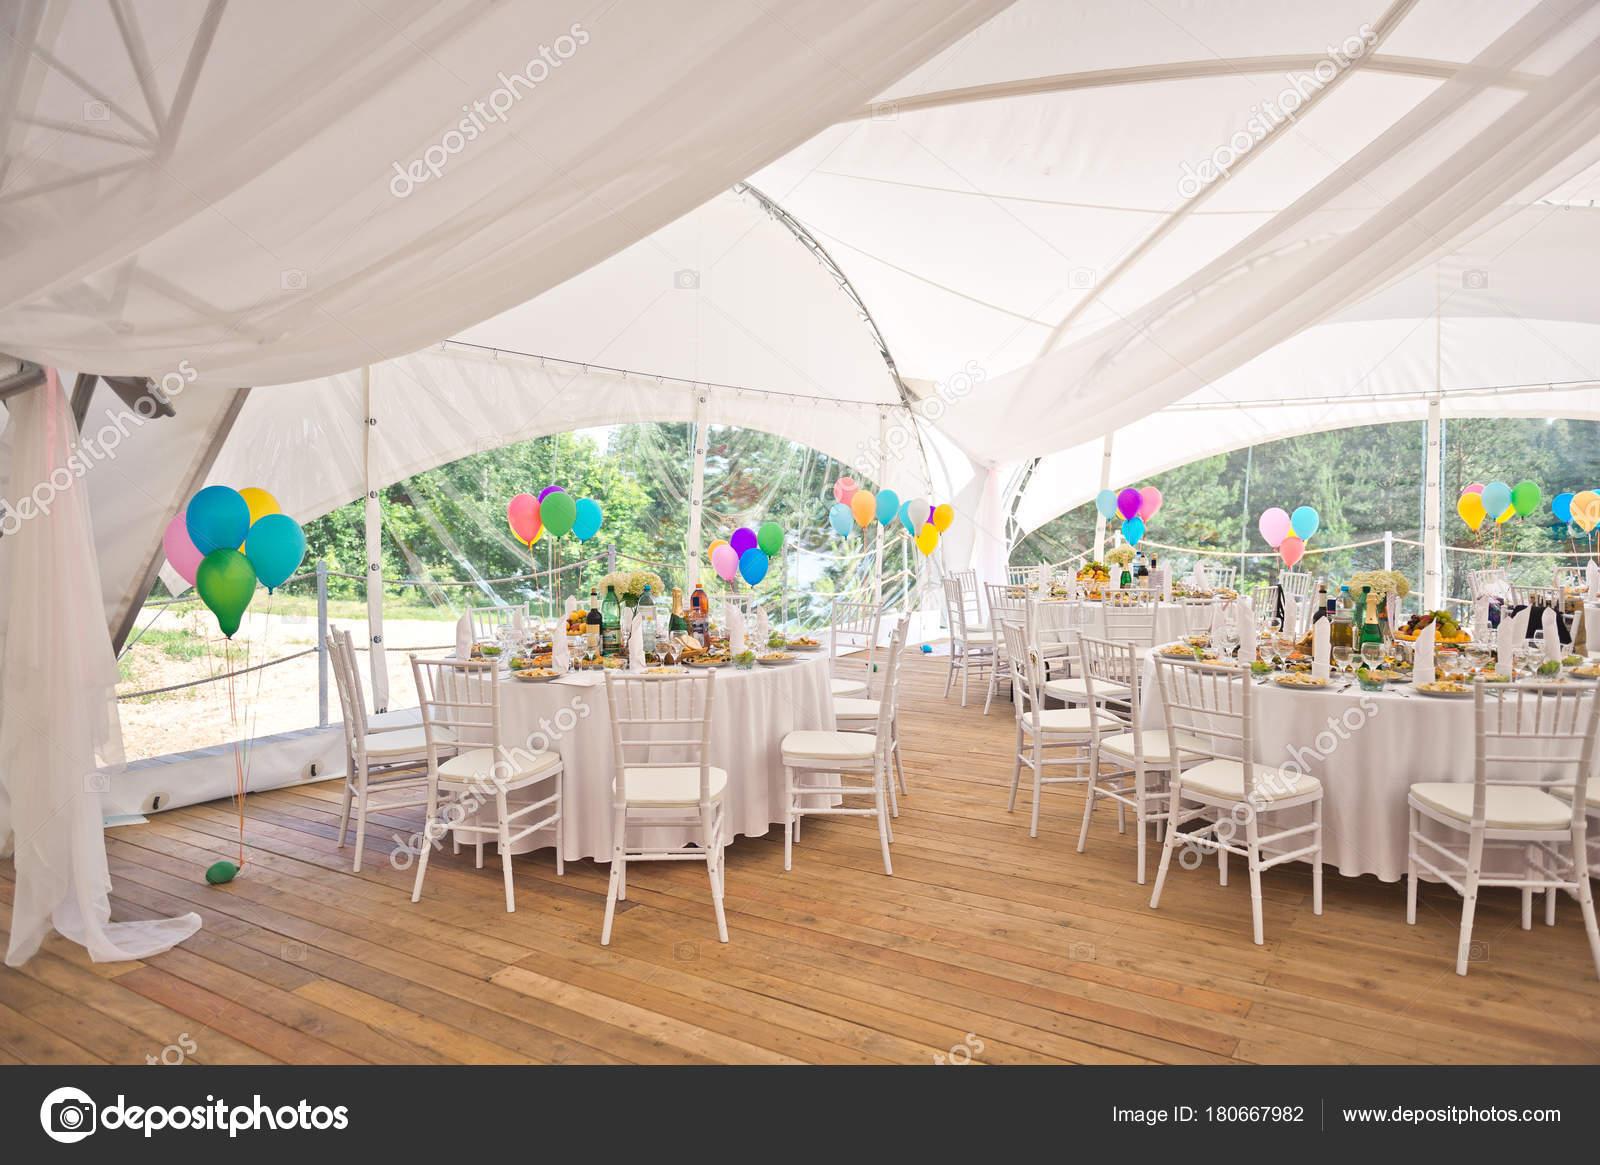 Vorbereitet Fur Die Feier Der Hochzeit Ein Grosses Zelt Im Freien